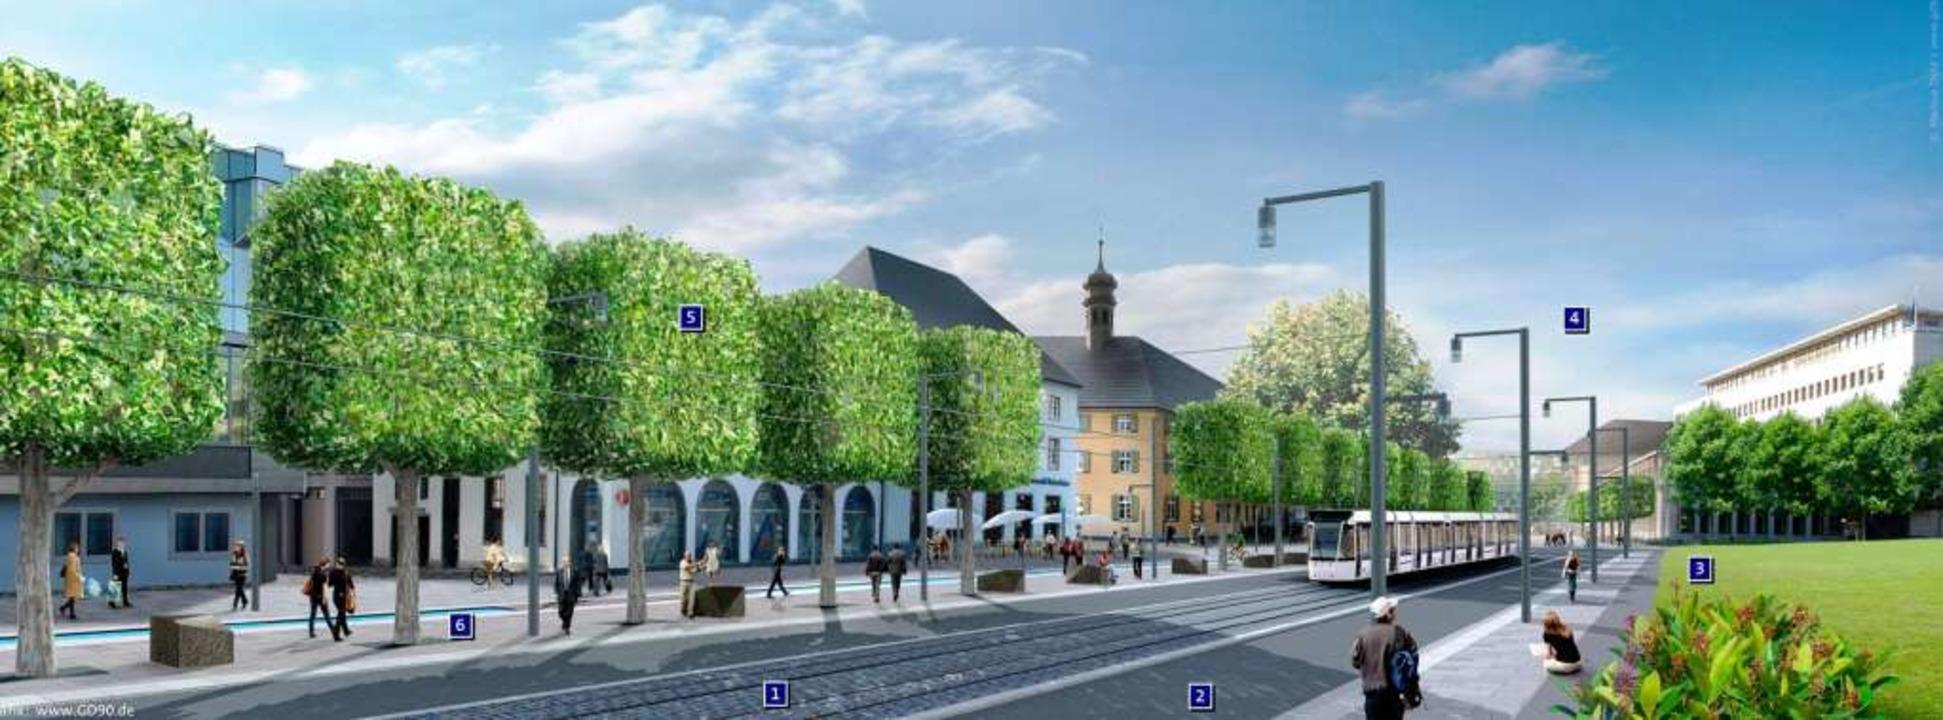 Der Rotteckring als Boulevard mit Stad...en Bäumen (5) und natürlich Bächle (6)  | Foto: ---